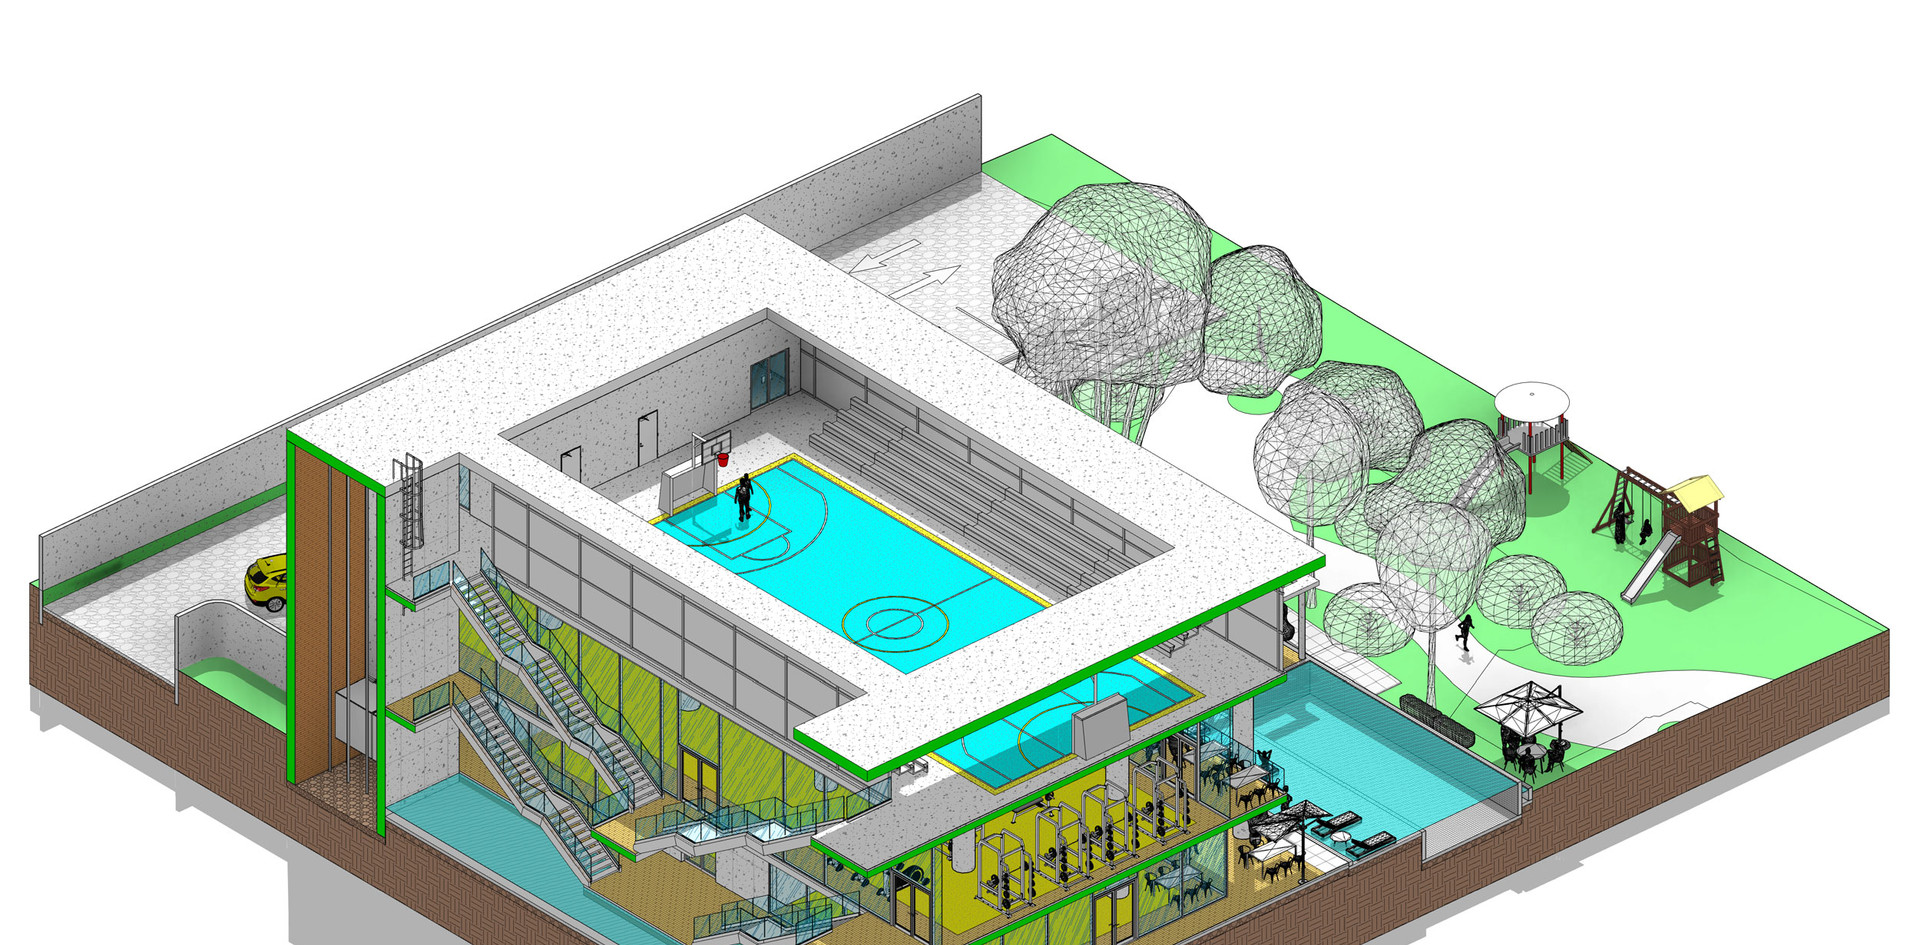 CAPTURA-GYM---3D-View---AXONOMETRICA-04.